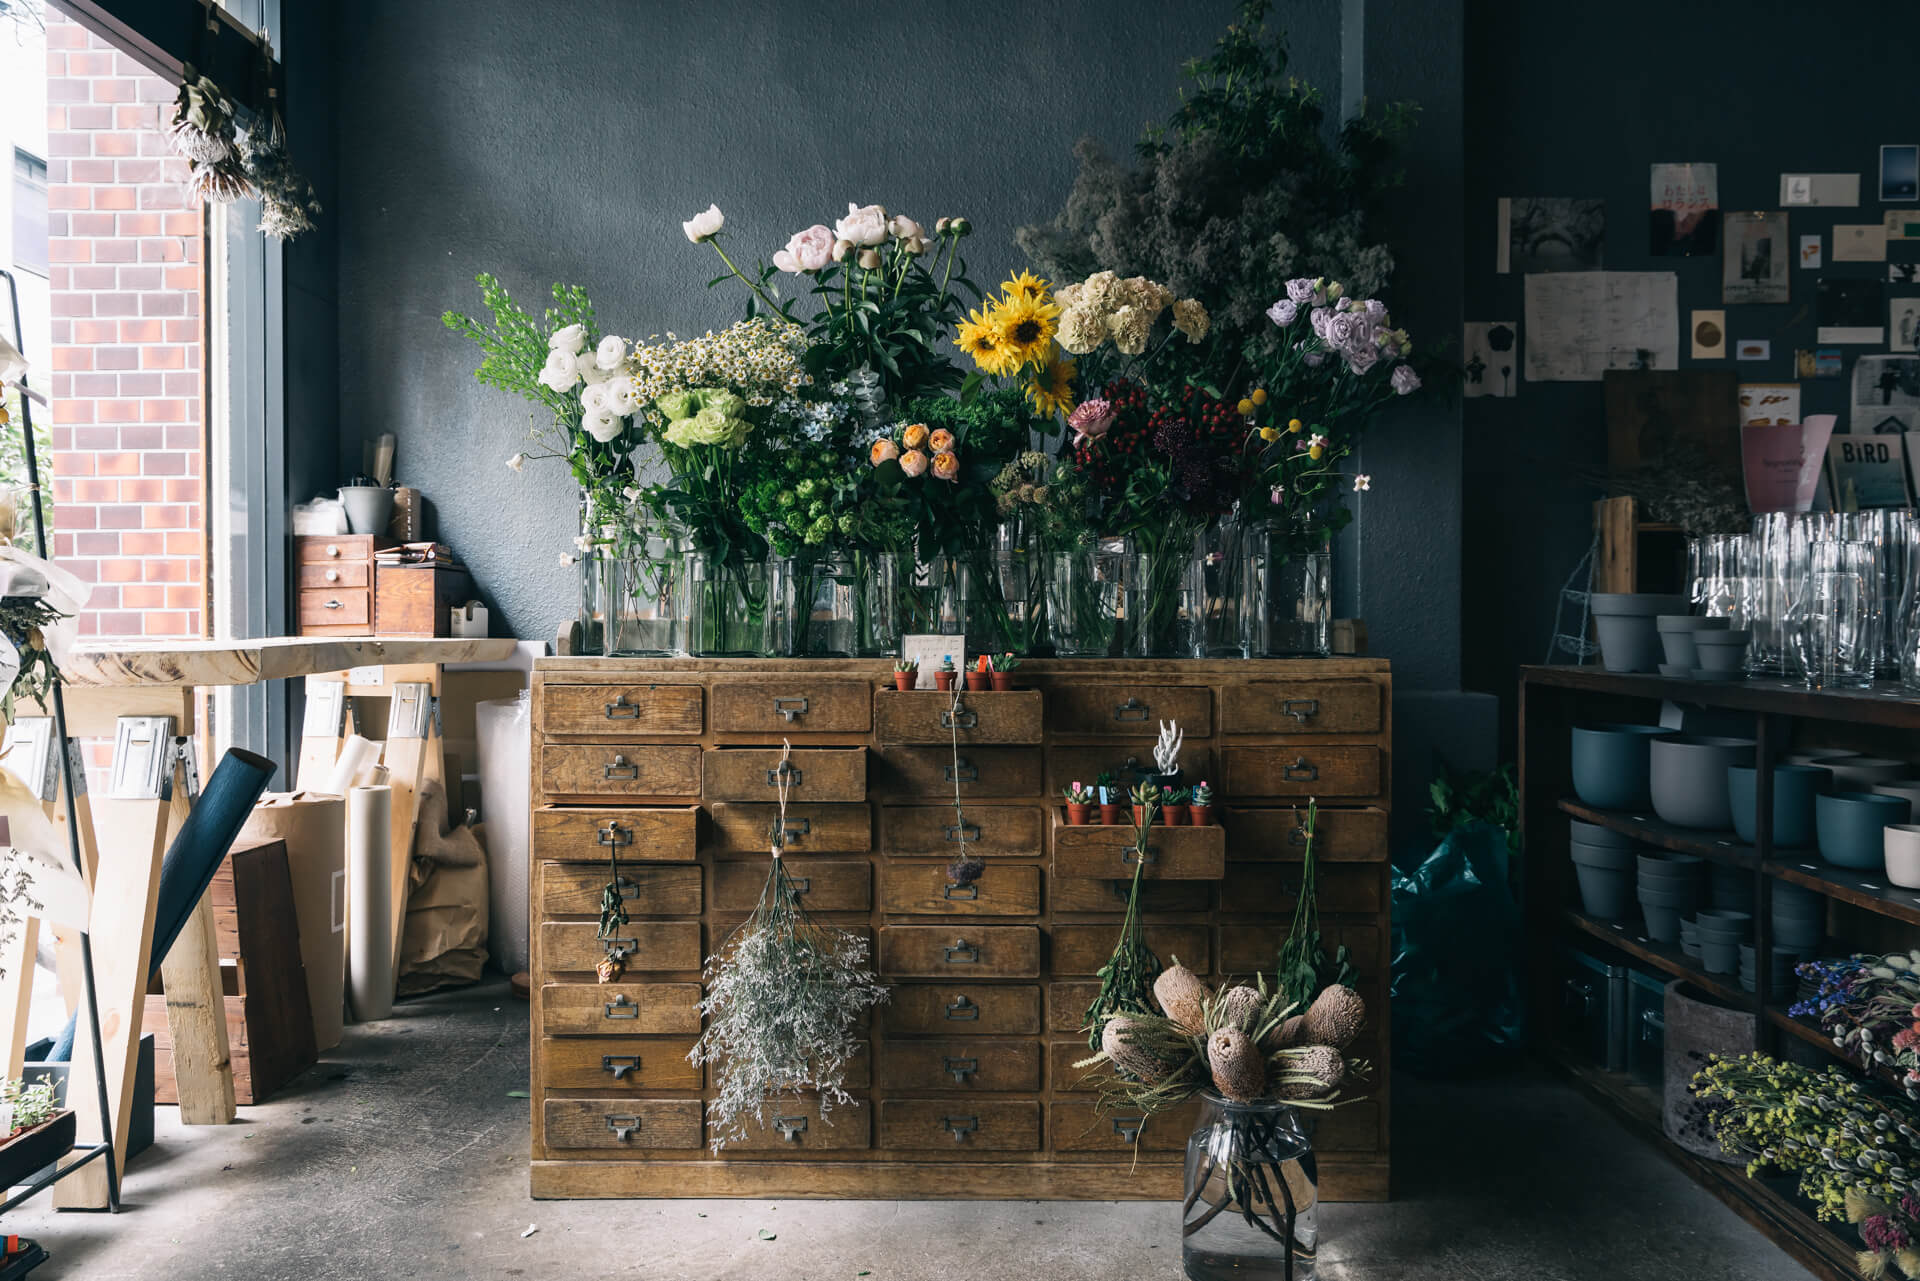 いきつけにしたい、おしゃれカフェ&ショップもいっぱい。(ストーリーのある花との暮らしを提案する『ex. flower shop & laboratory』(東京・蔵前))